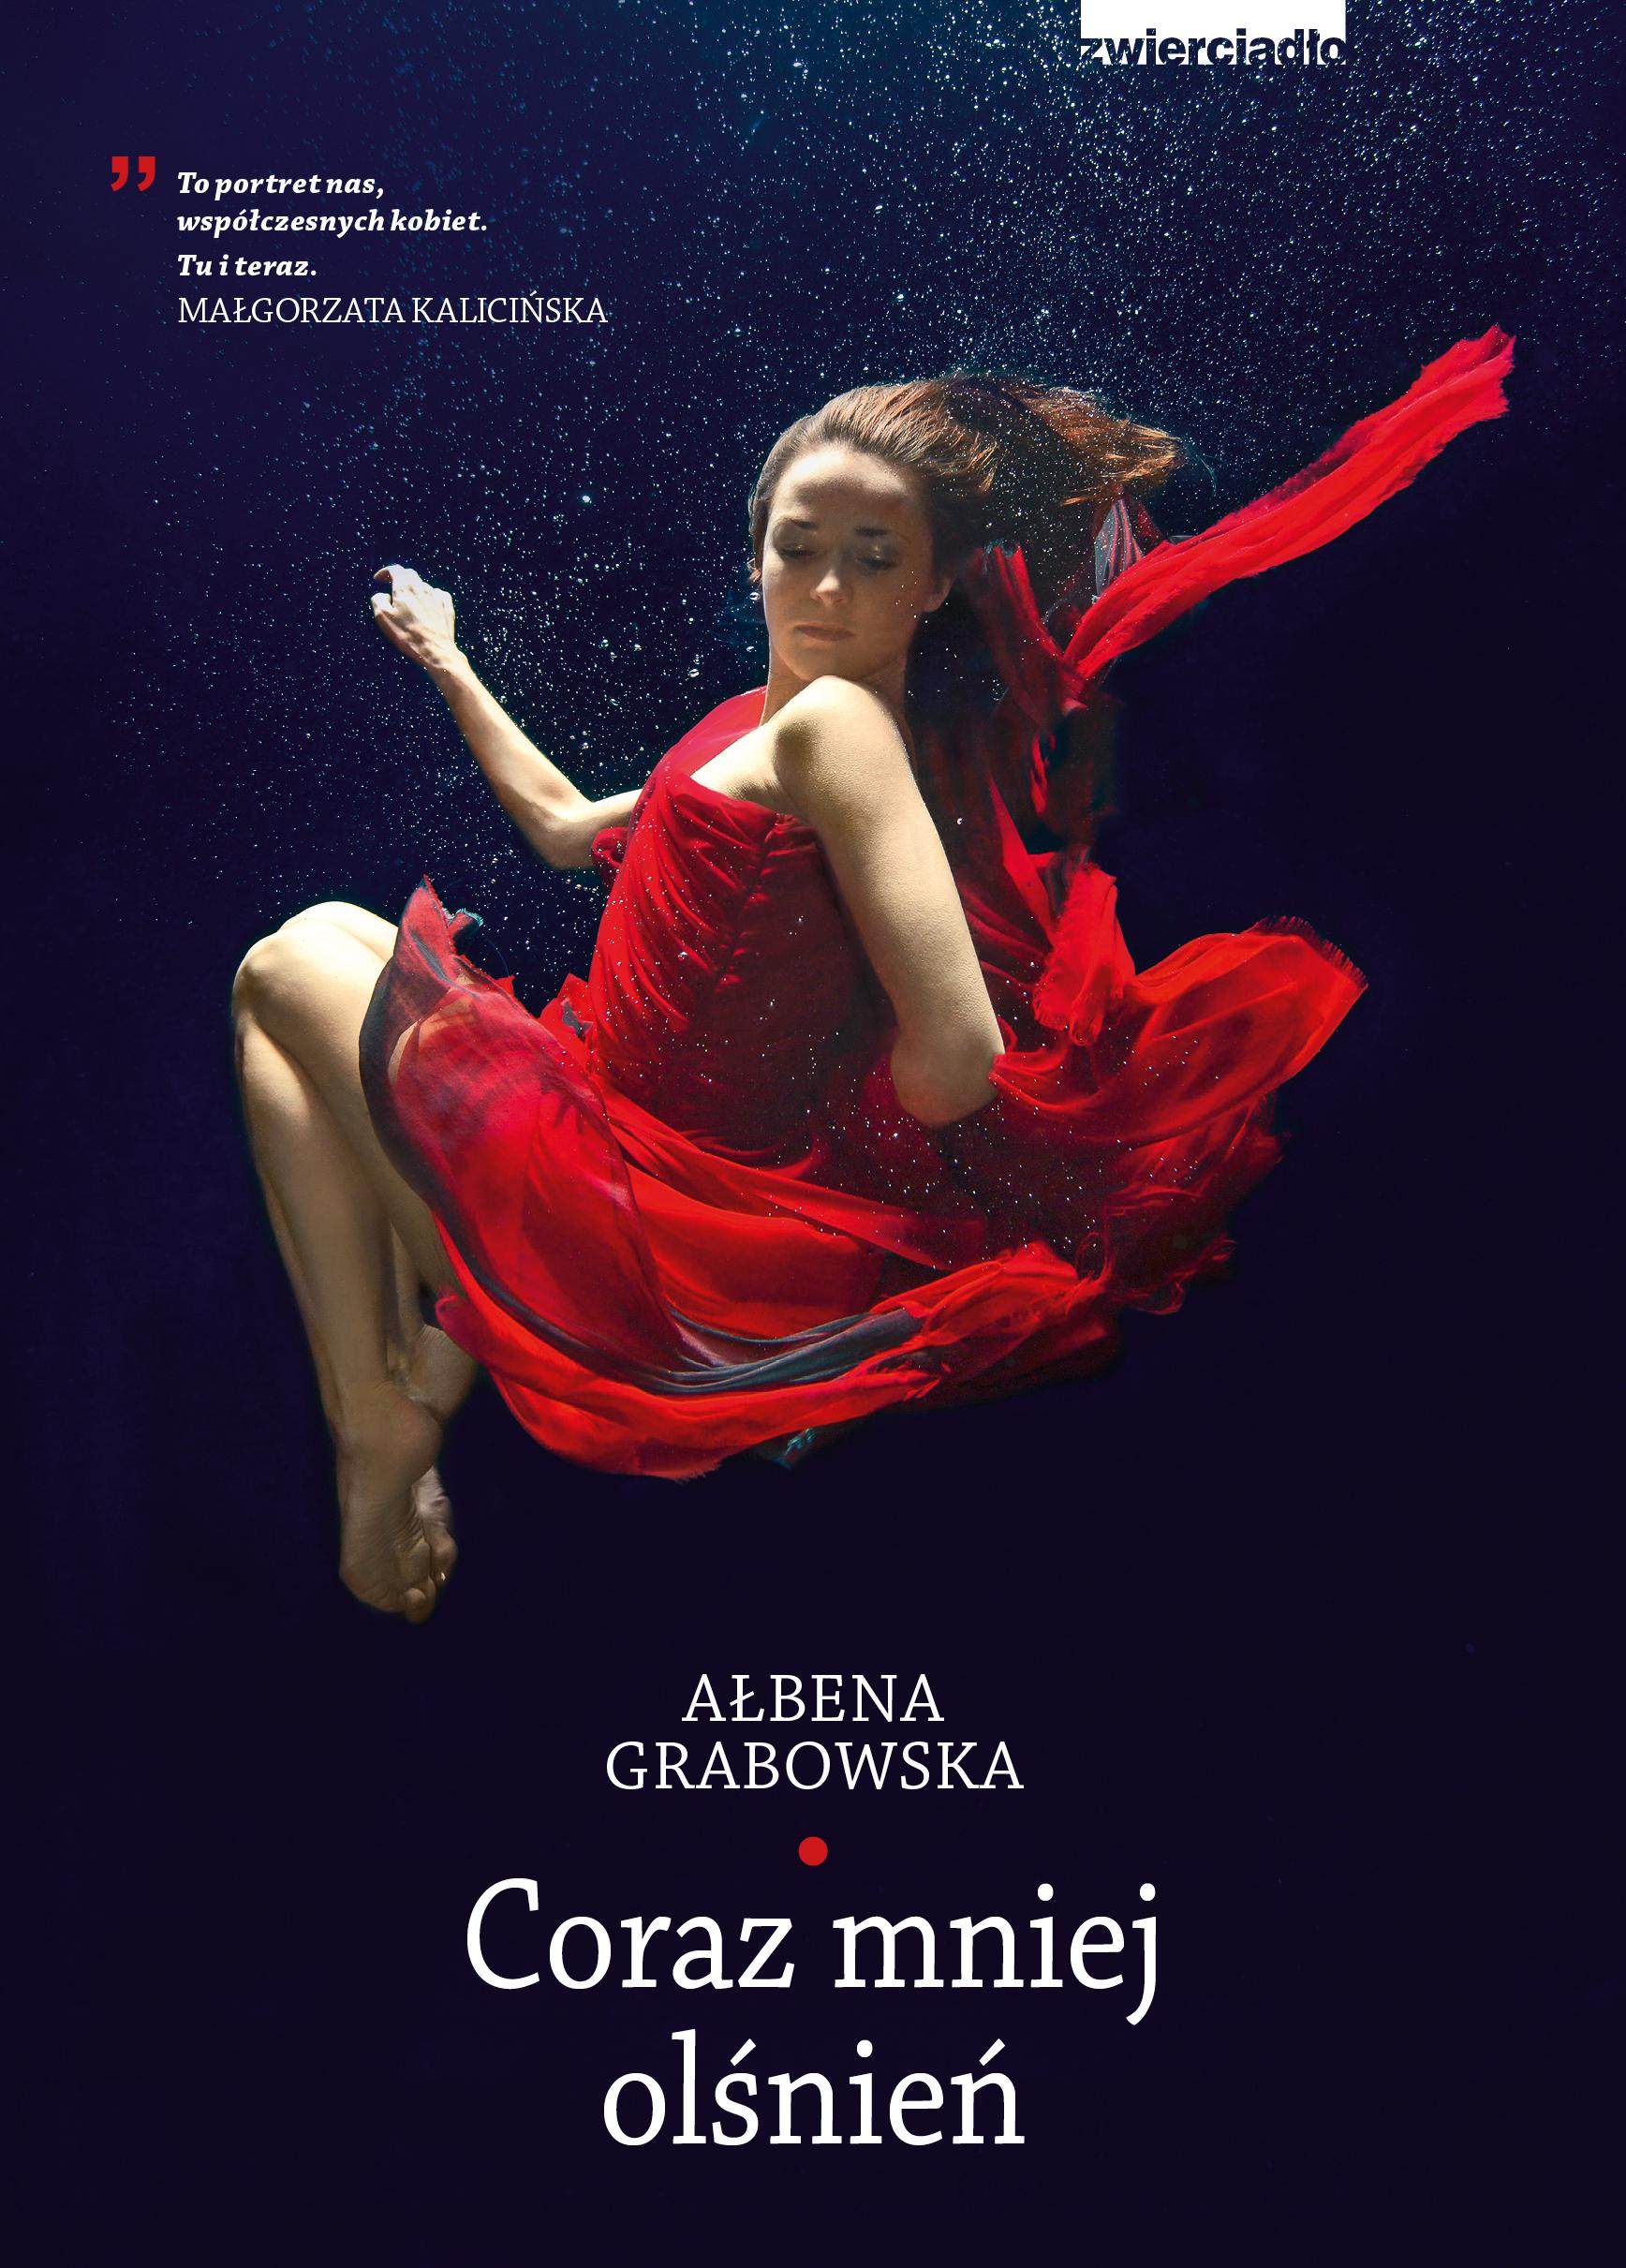 Coraz mniej olśnień - Ałbena Grabowska